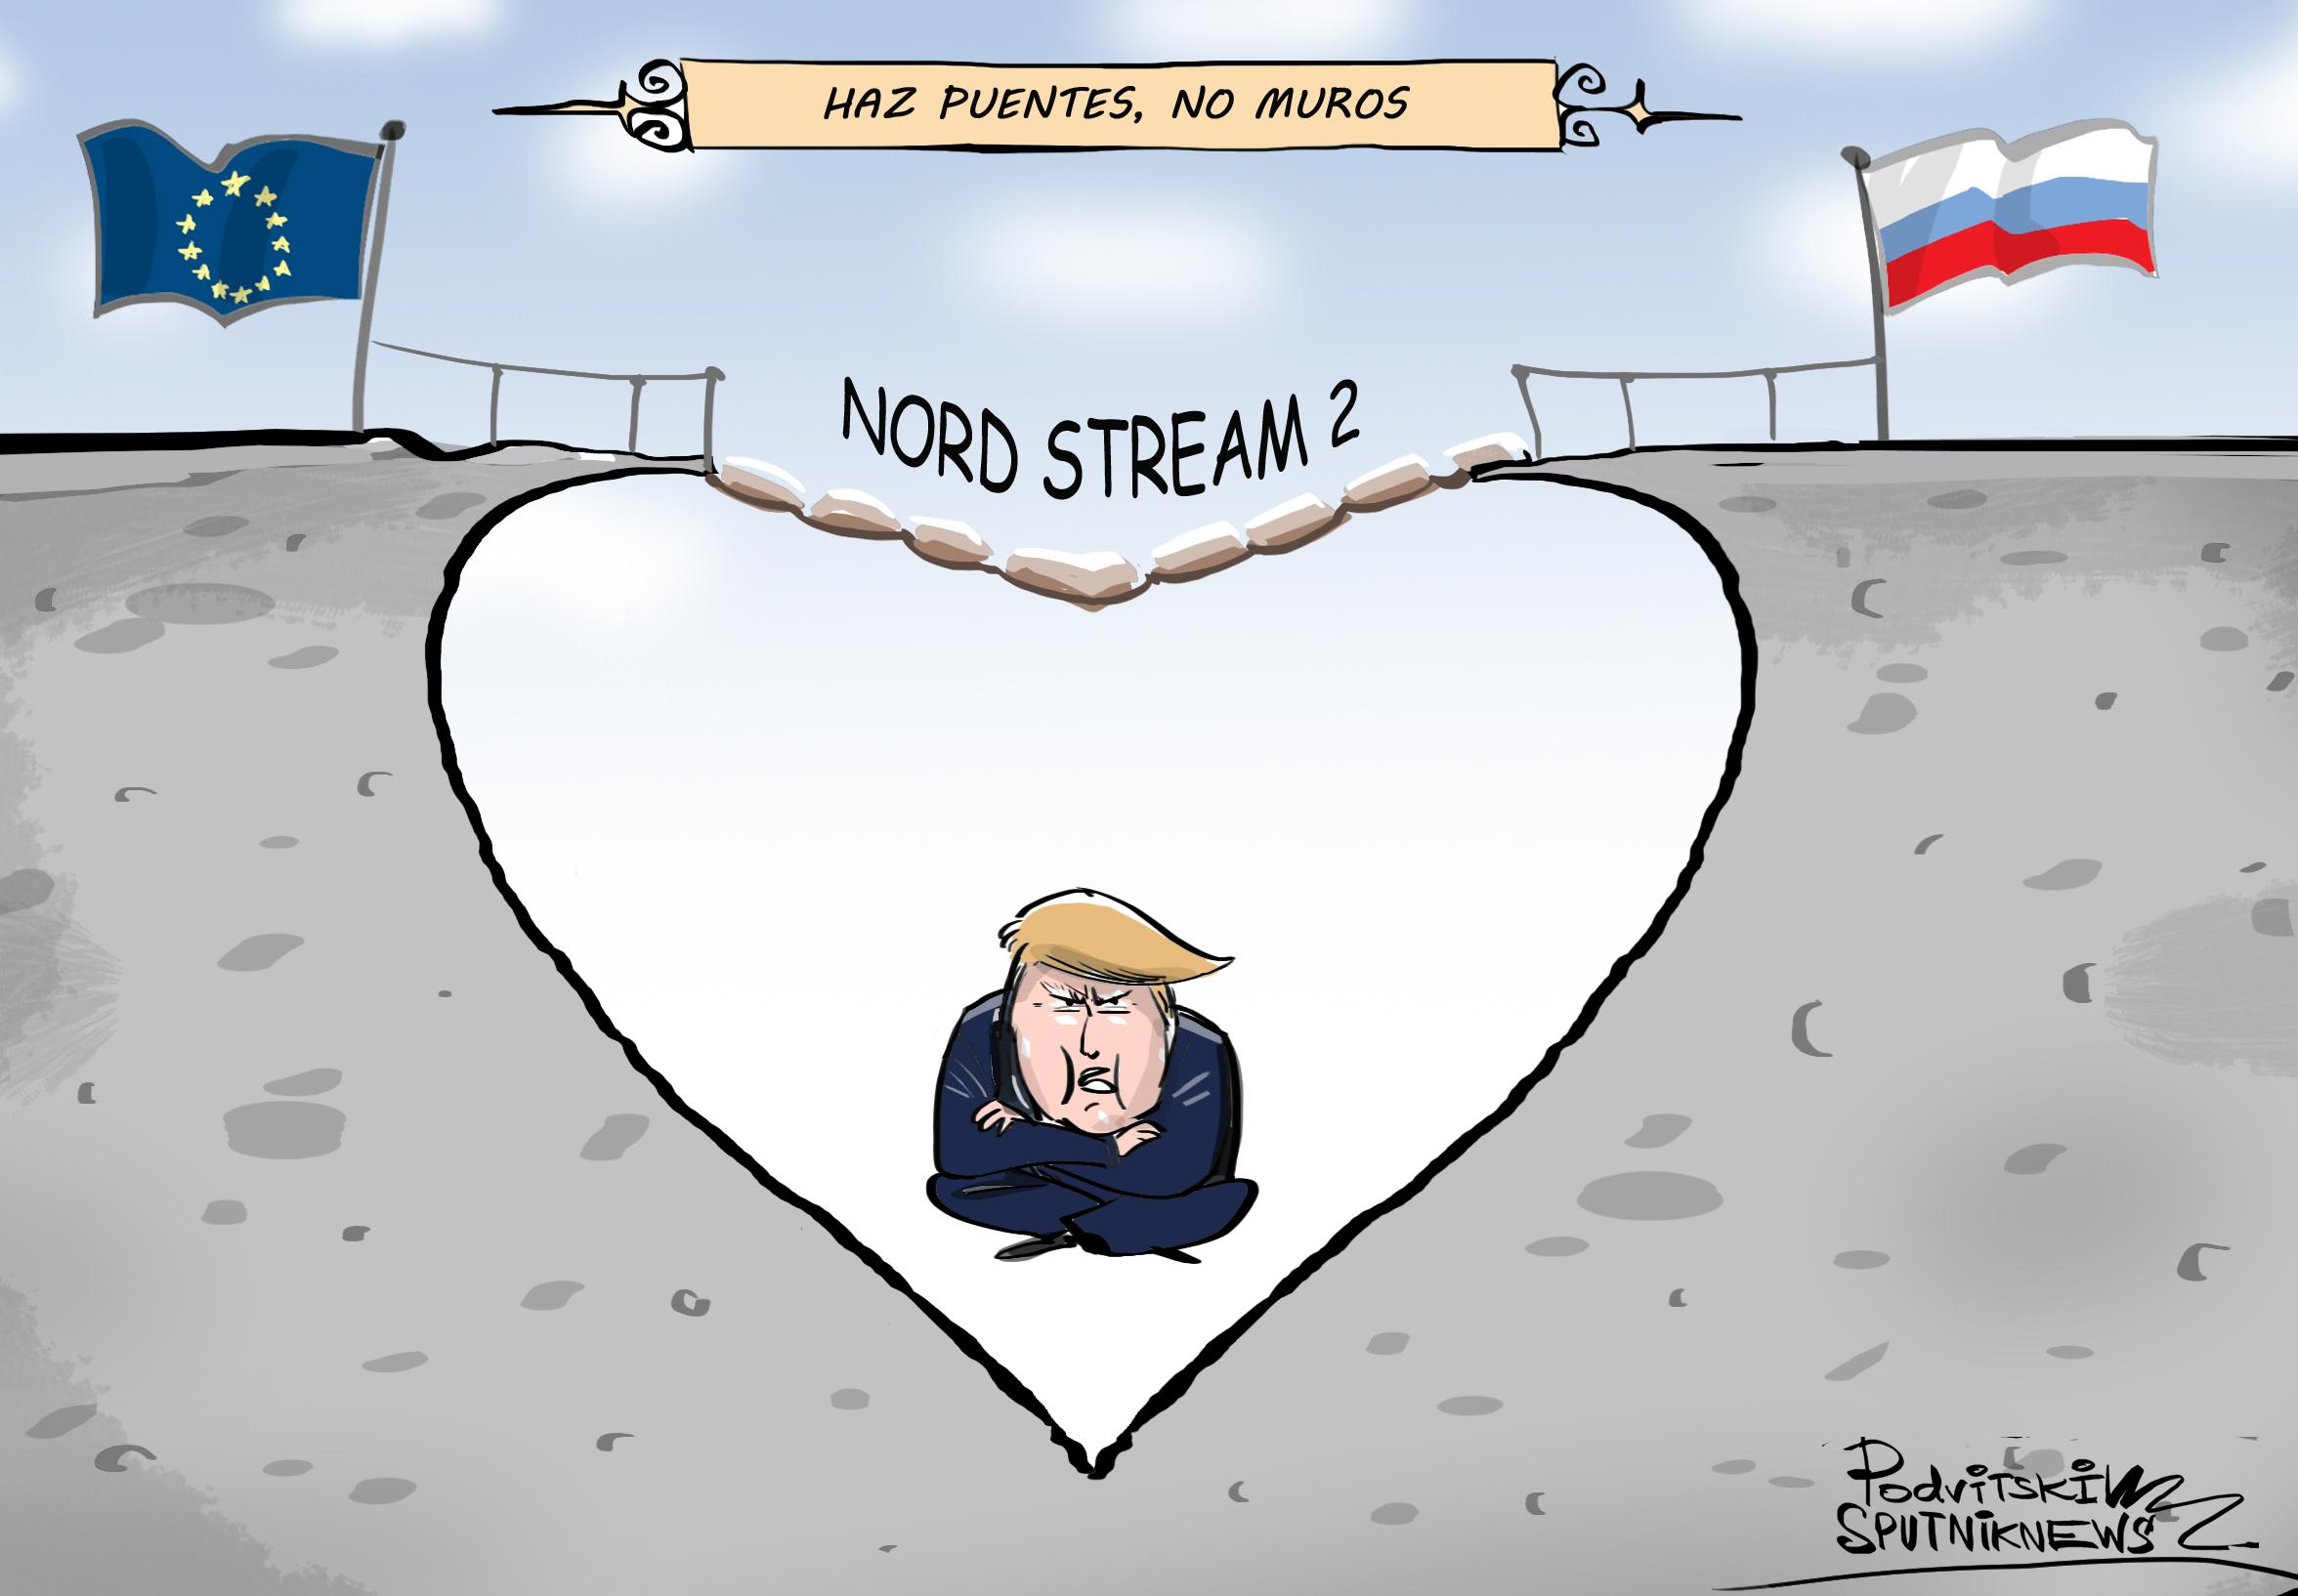 Nord Stream 2: Haz puentes, no muros